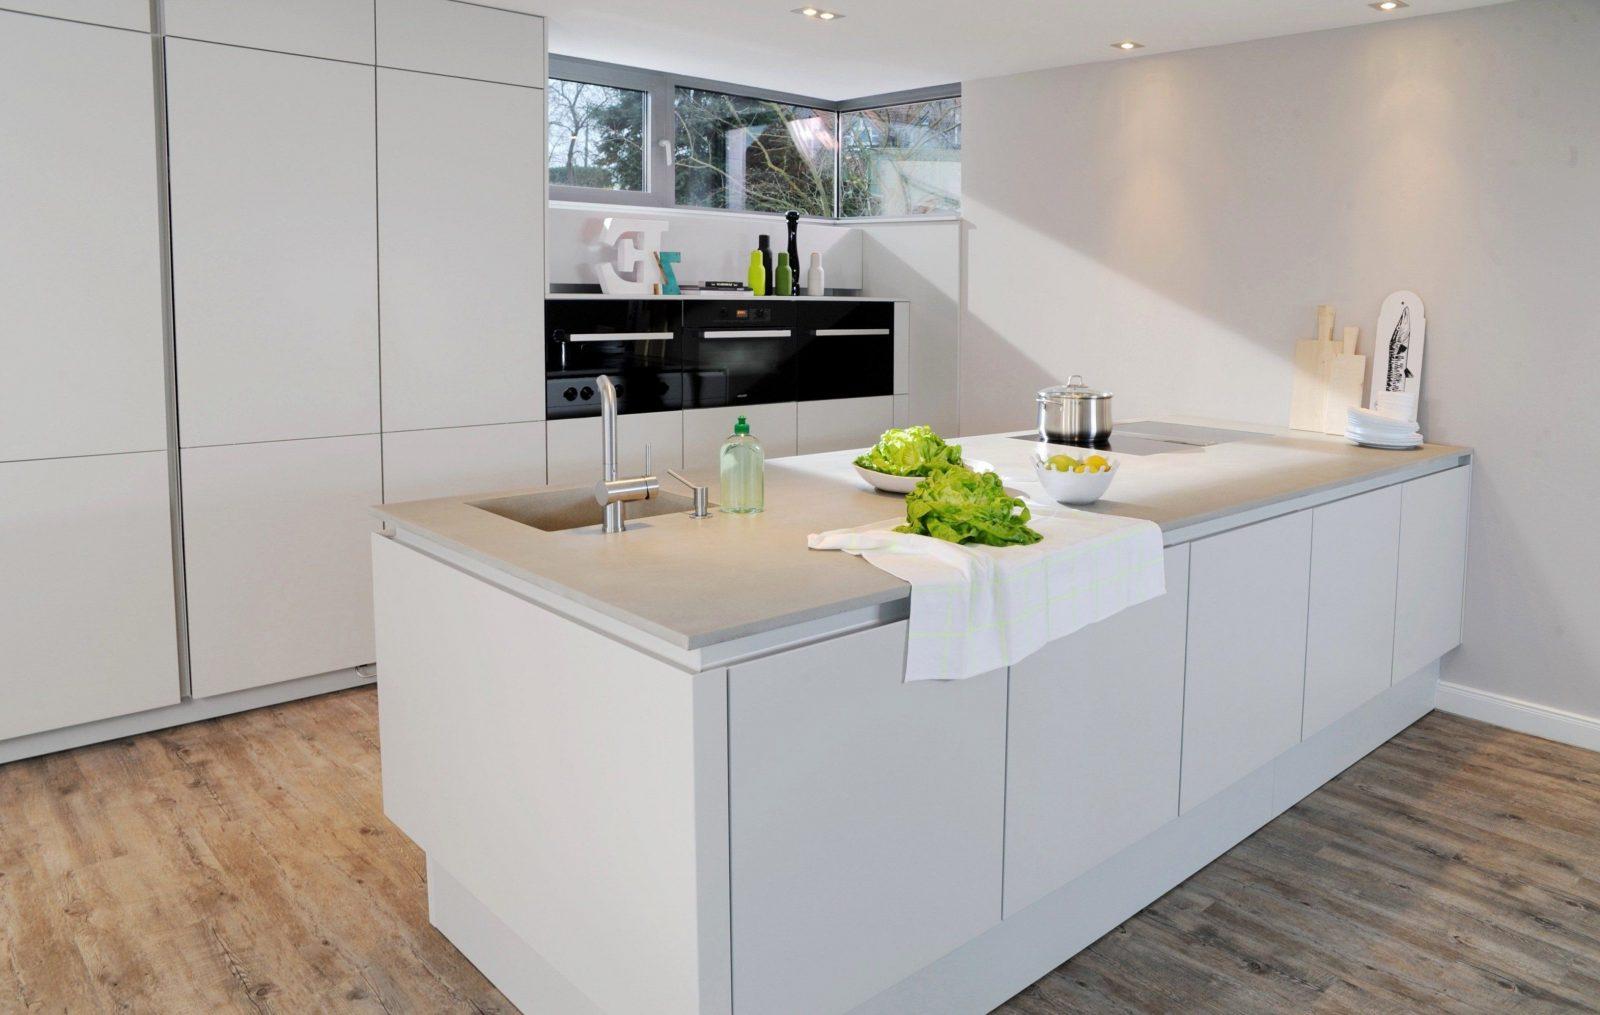 Küche Selber Bauen Beton Best Of 35 Wunderschön Beton Küche Küchen von Beton Küche Selber Bauen Photo